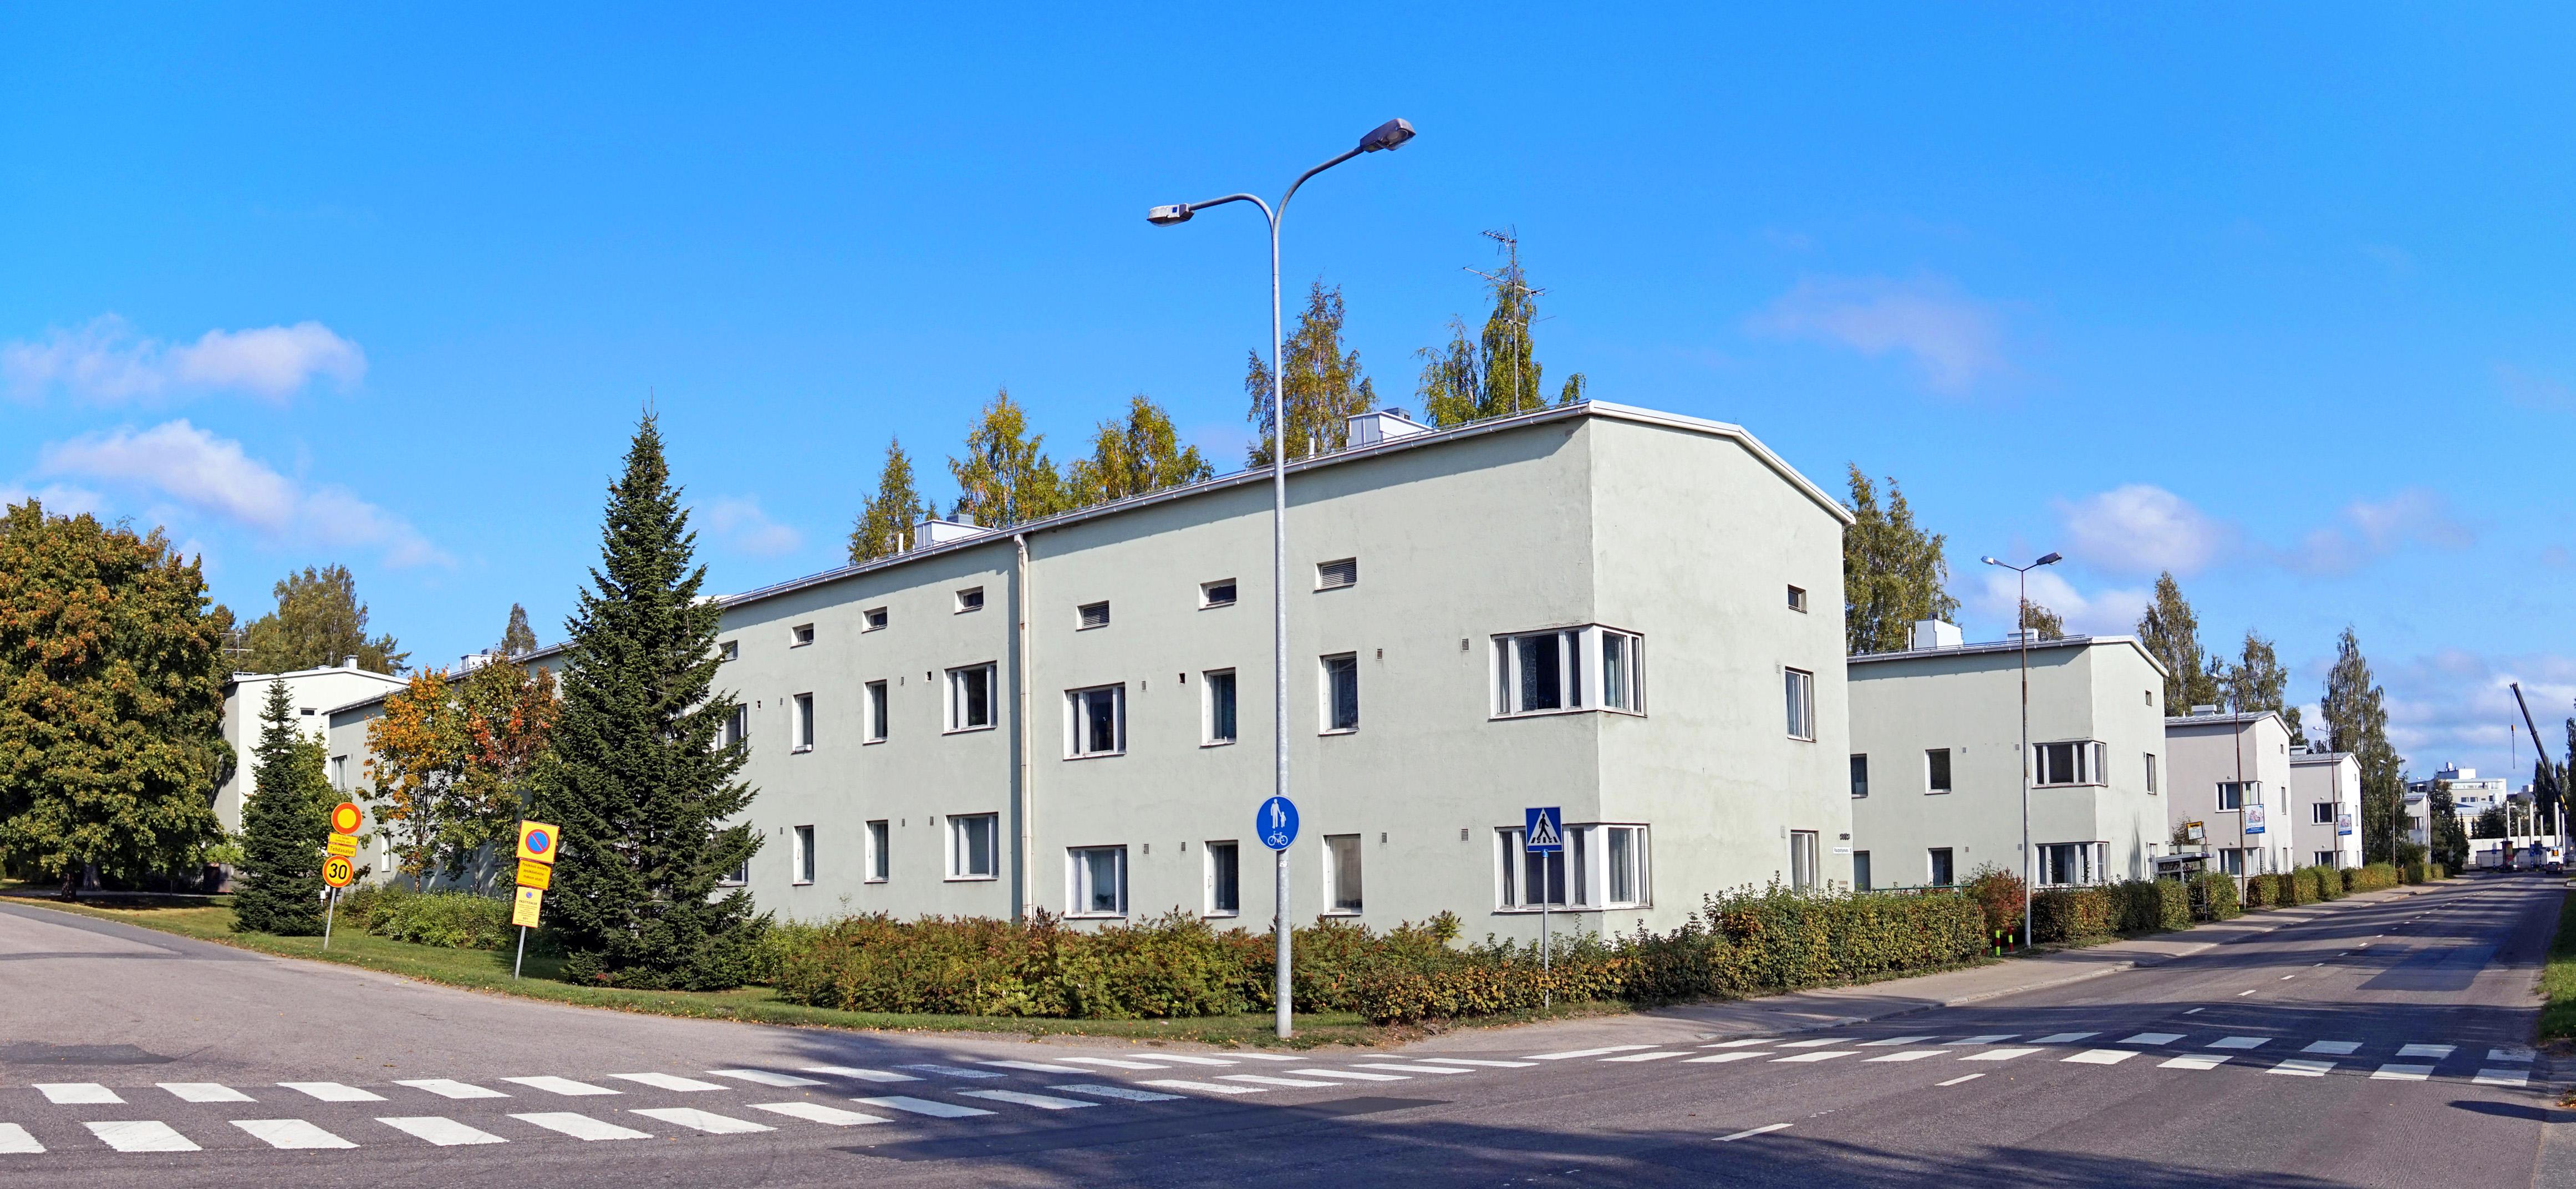 Jyväskylä - Rautpohja.jpg